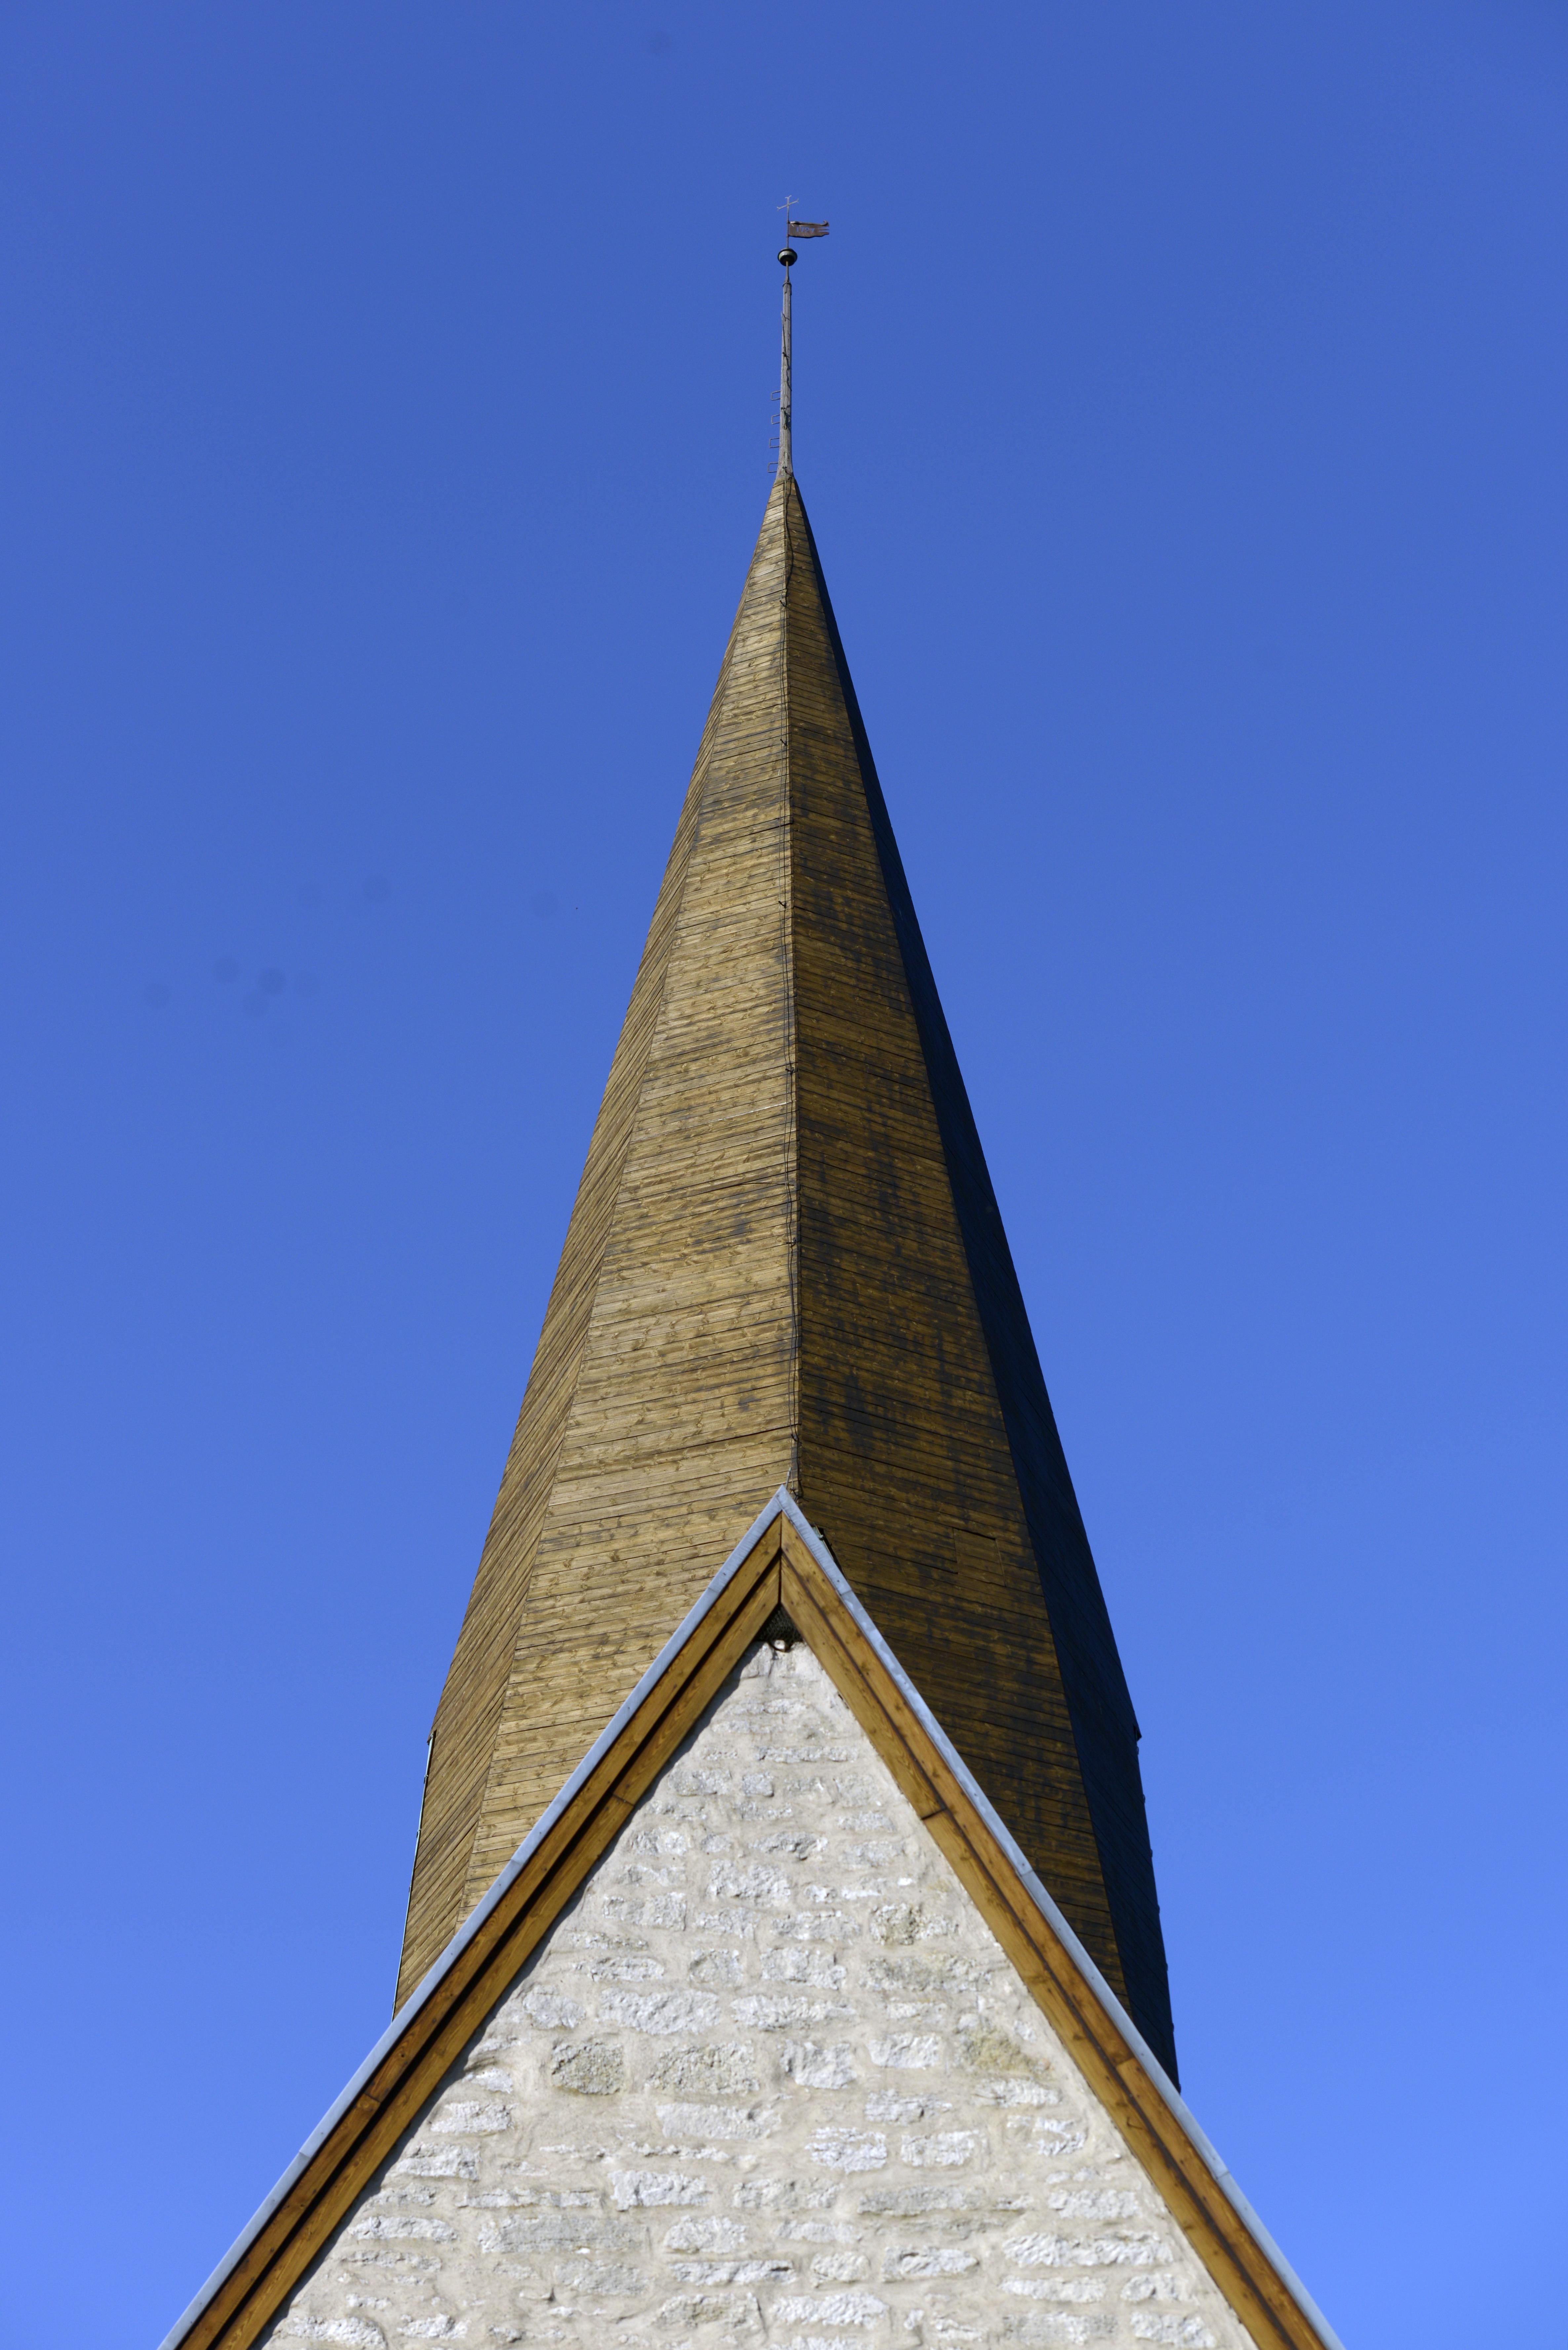 Fil:Klinte kyrka - KMB - patient-survey.net Wikipedia